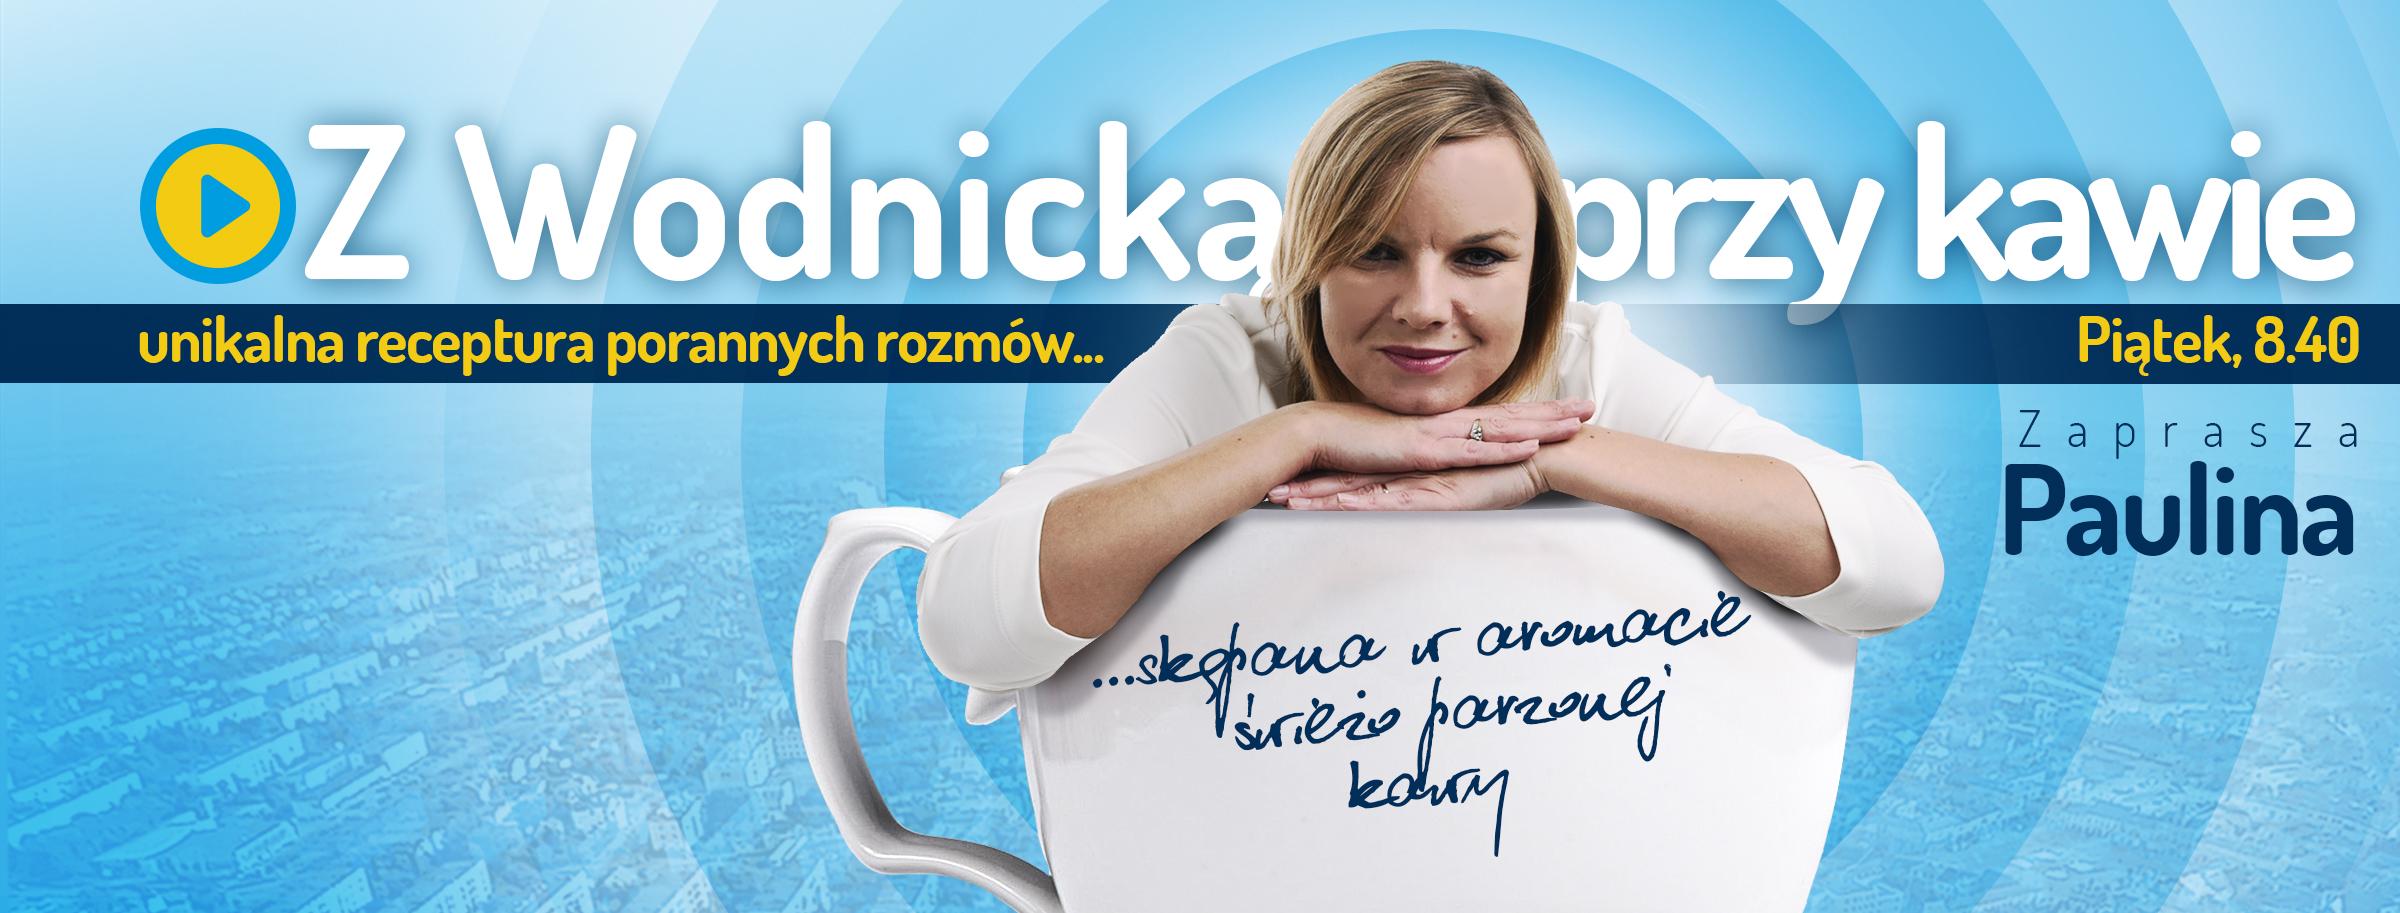 Paulina Wodnicka : dziennikarz